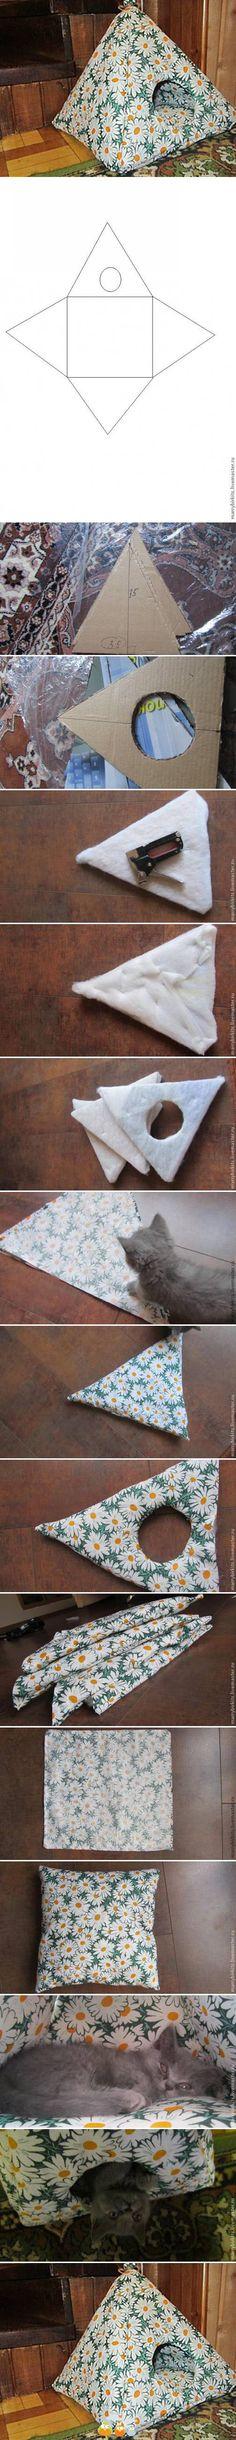 Kattenmand